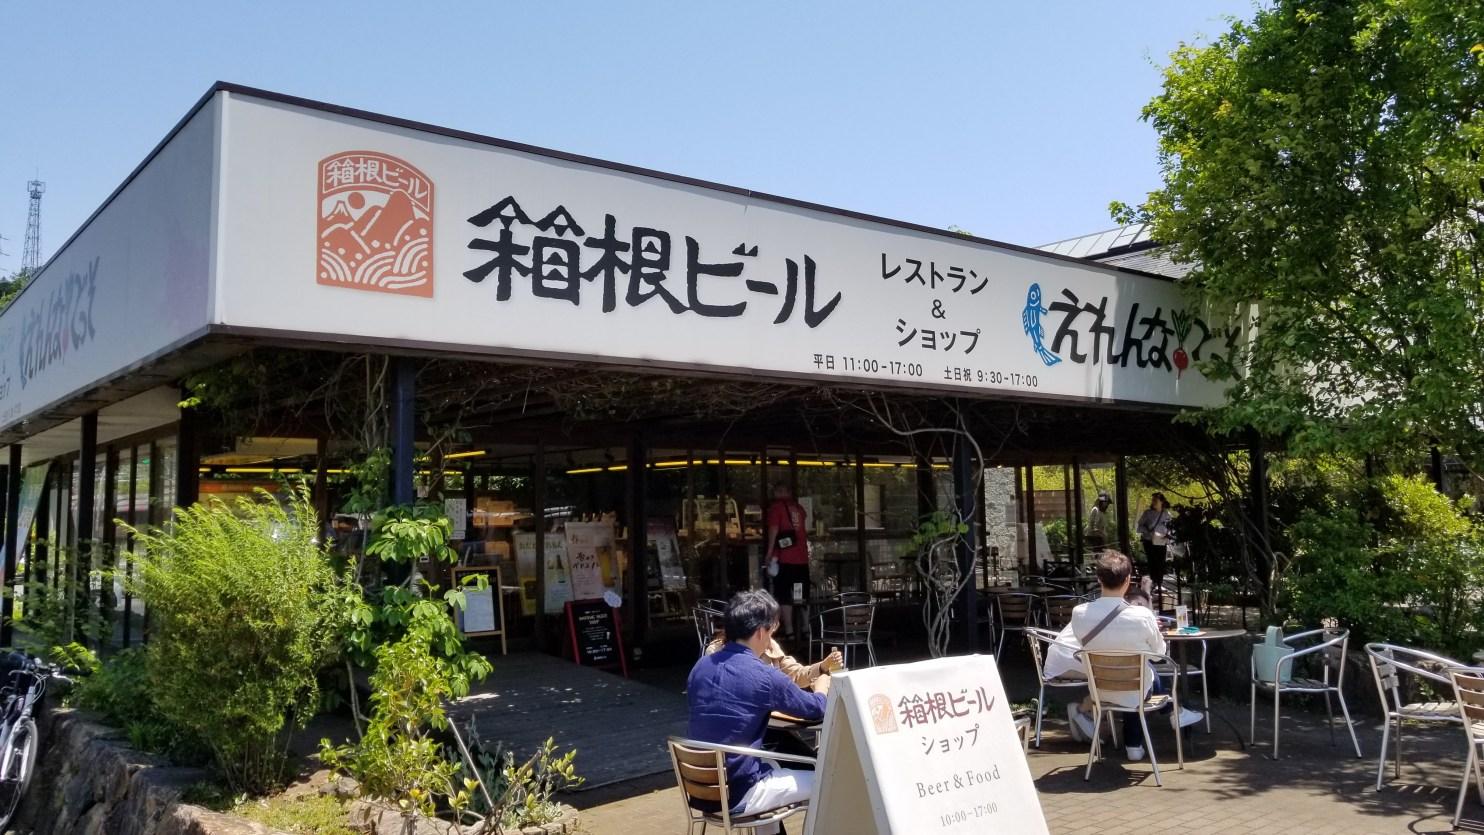 Hakone Beer Front